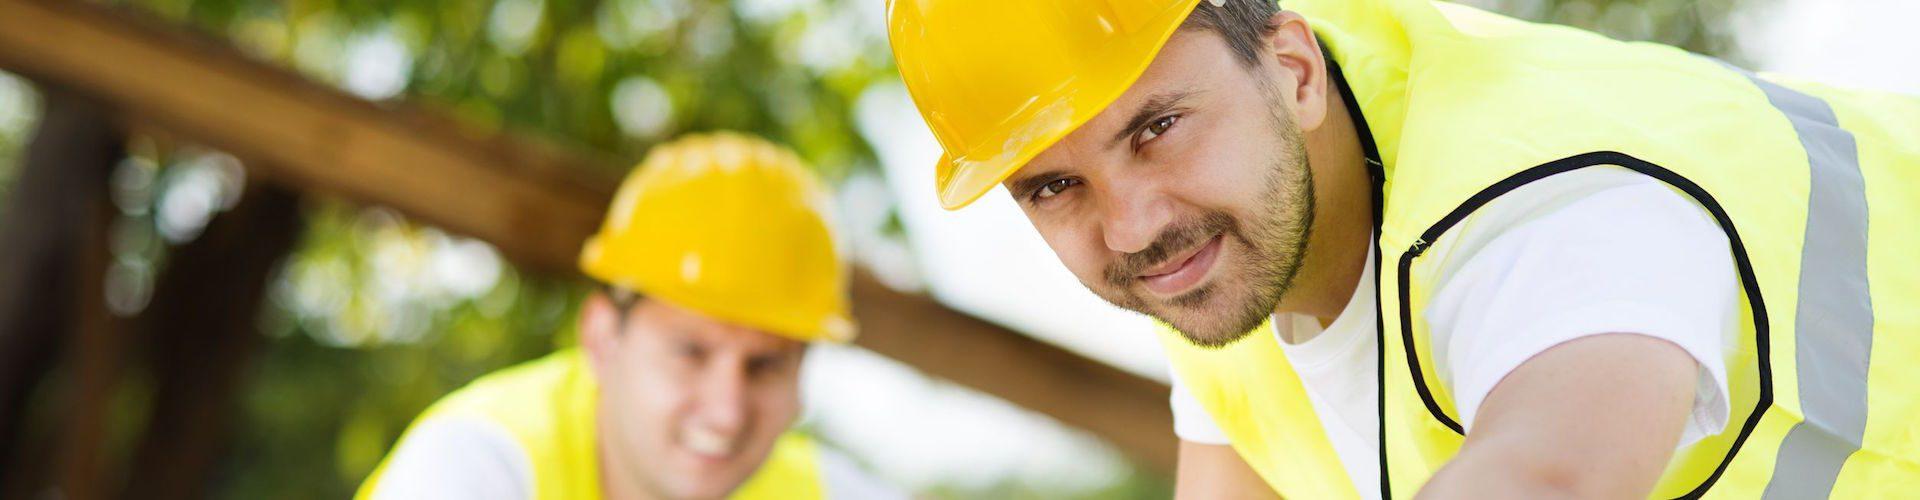 Építőipari munkások dolgoznak egy építkezésen.